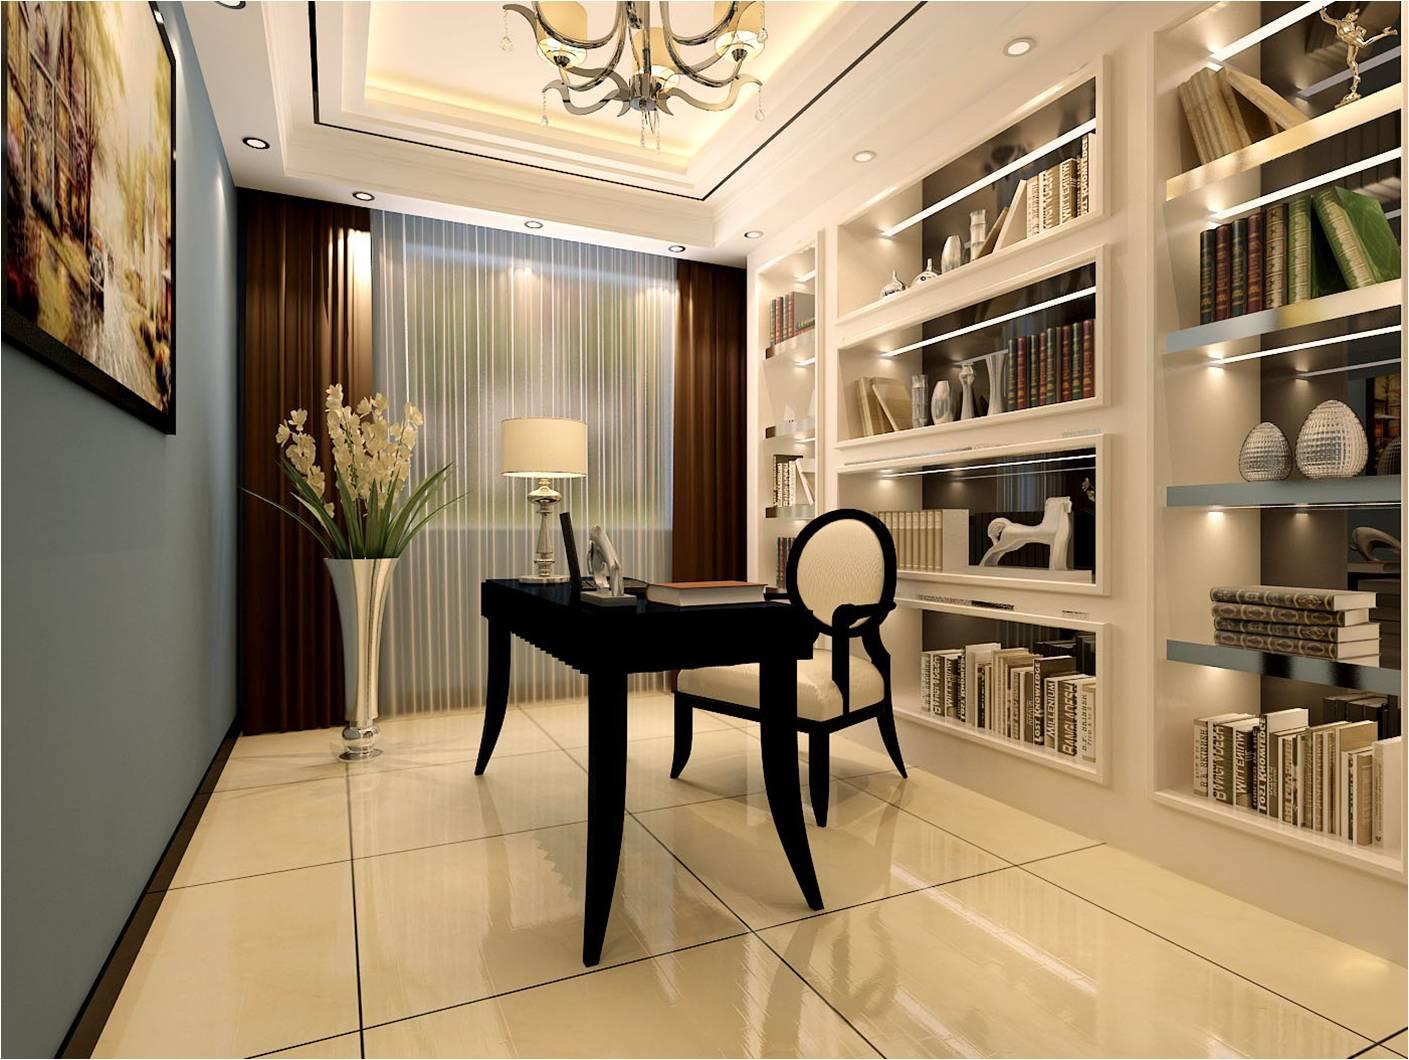 简约 现代 国安居 装饰 设计 书房图片来自国安居装饰在方直君御--现代简约的分享